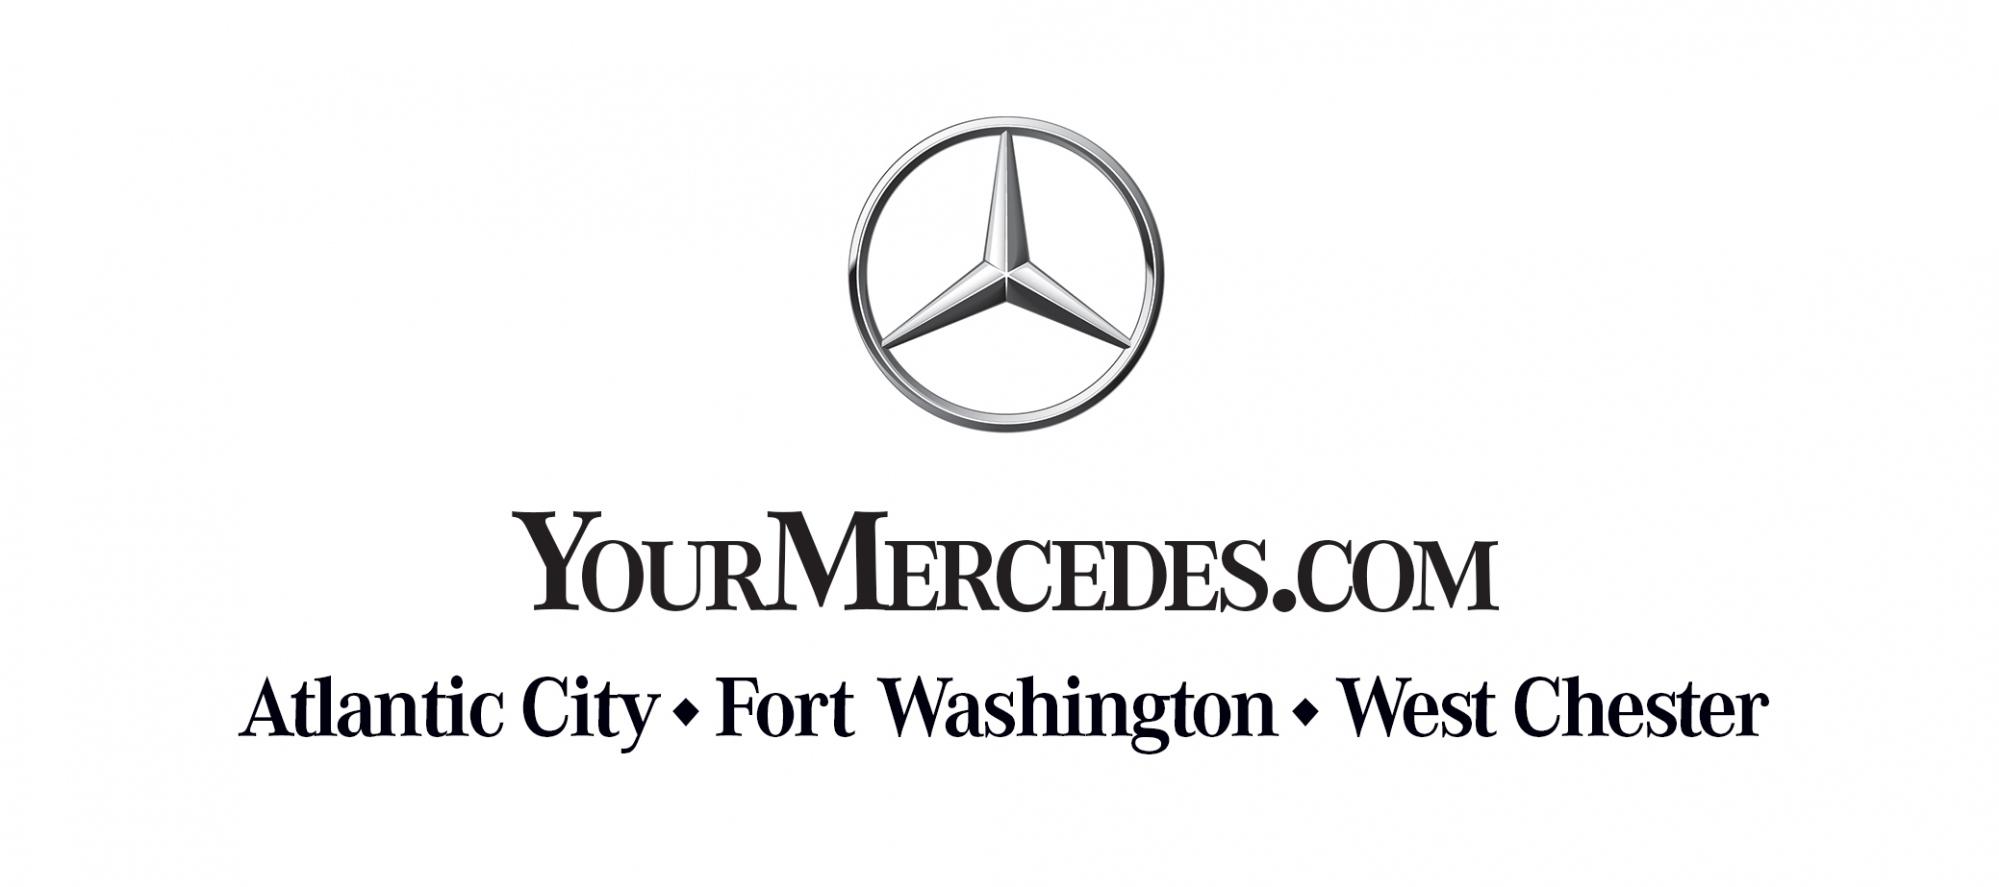 YourMercedes.com